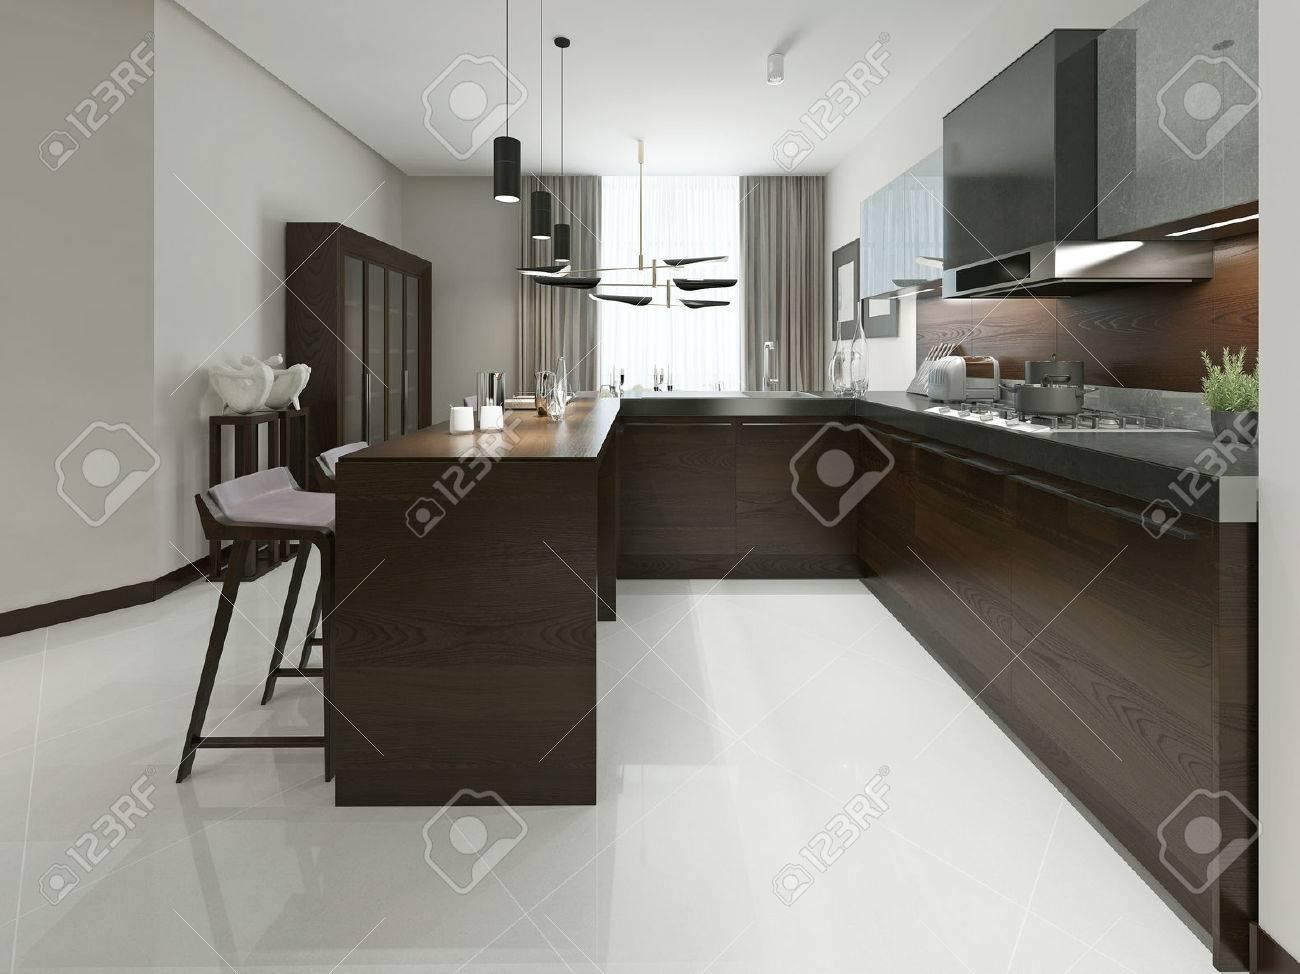 Sgabelli Per Cucina. Simple Sedie Classic In Abs Bianco O Viola ...